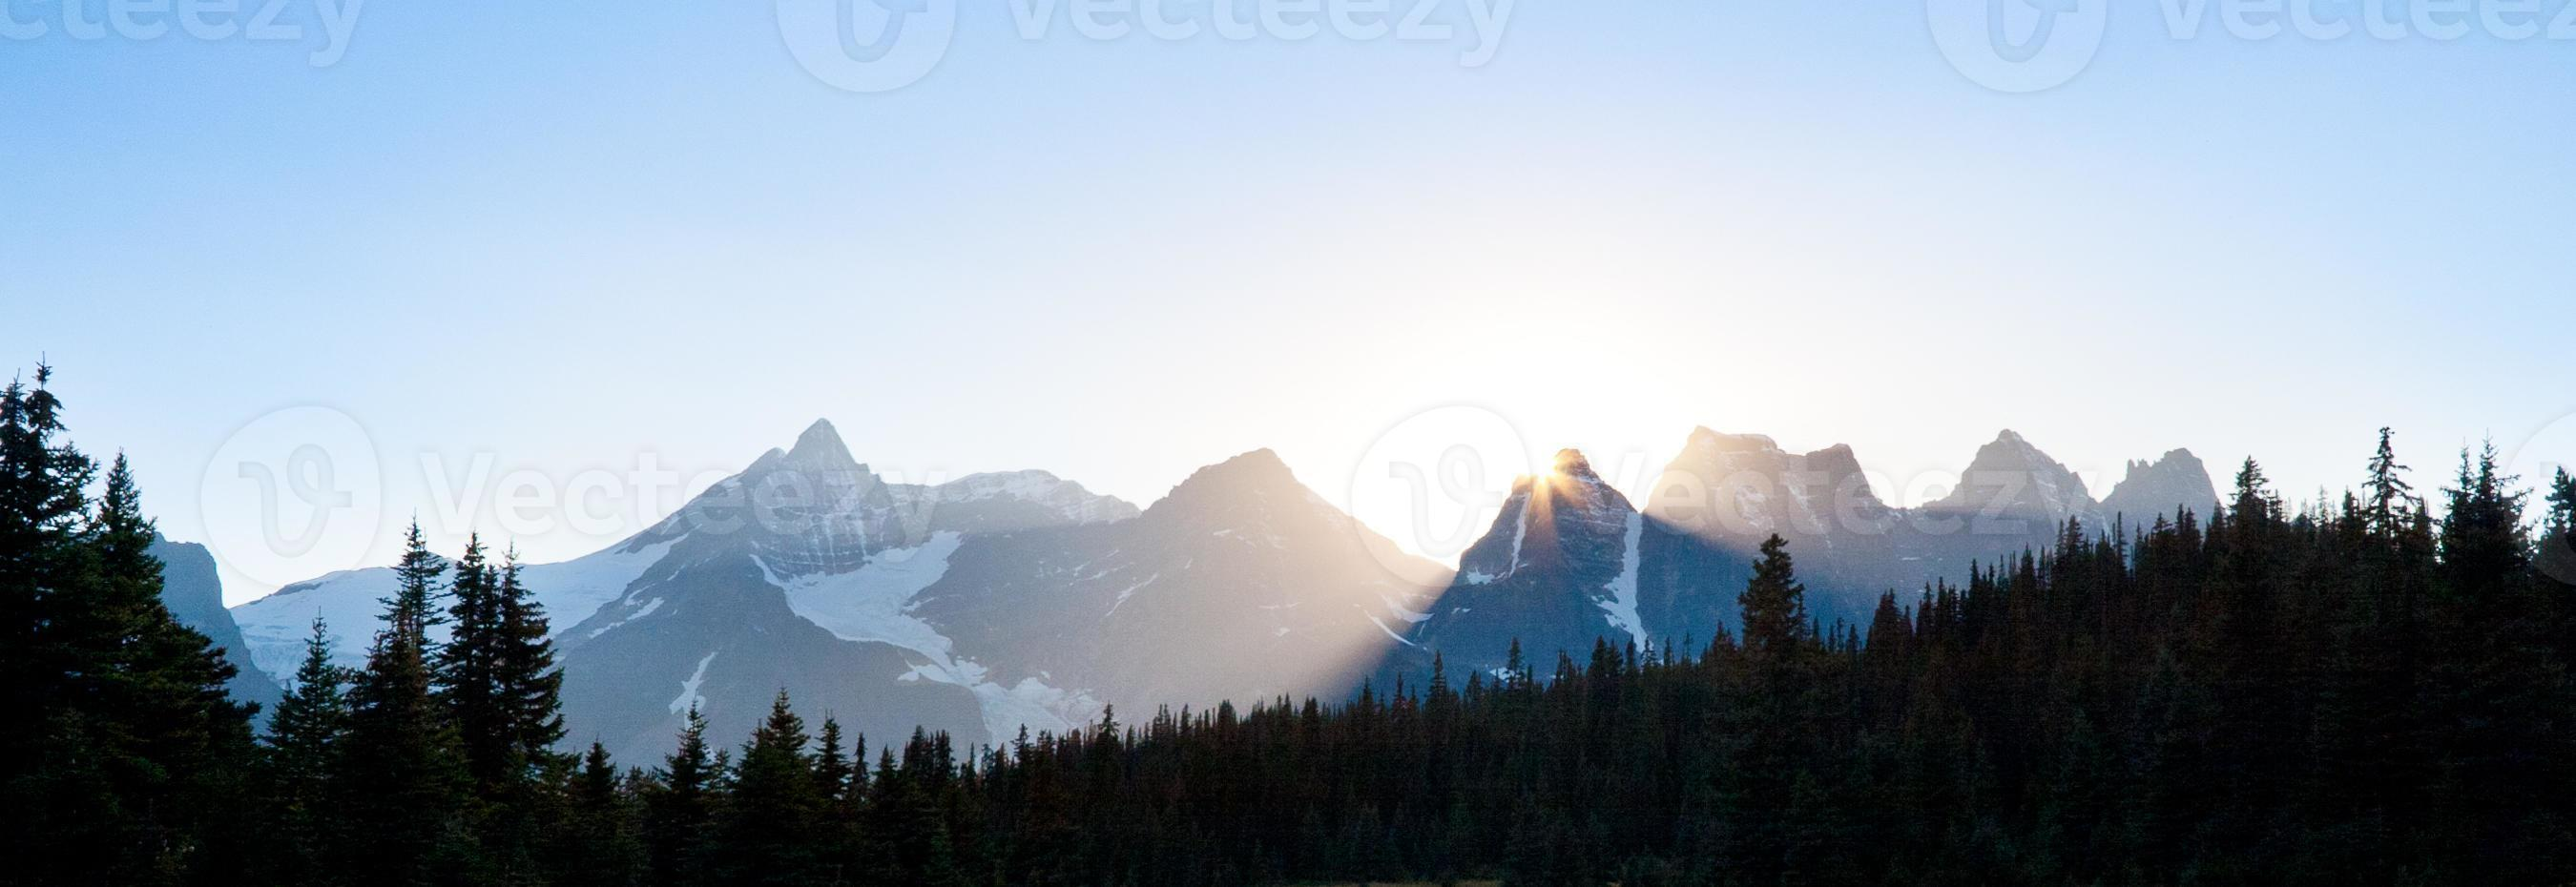 soleil couchant derrière les sommets des montagnes photo